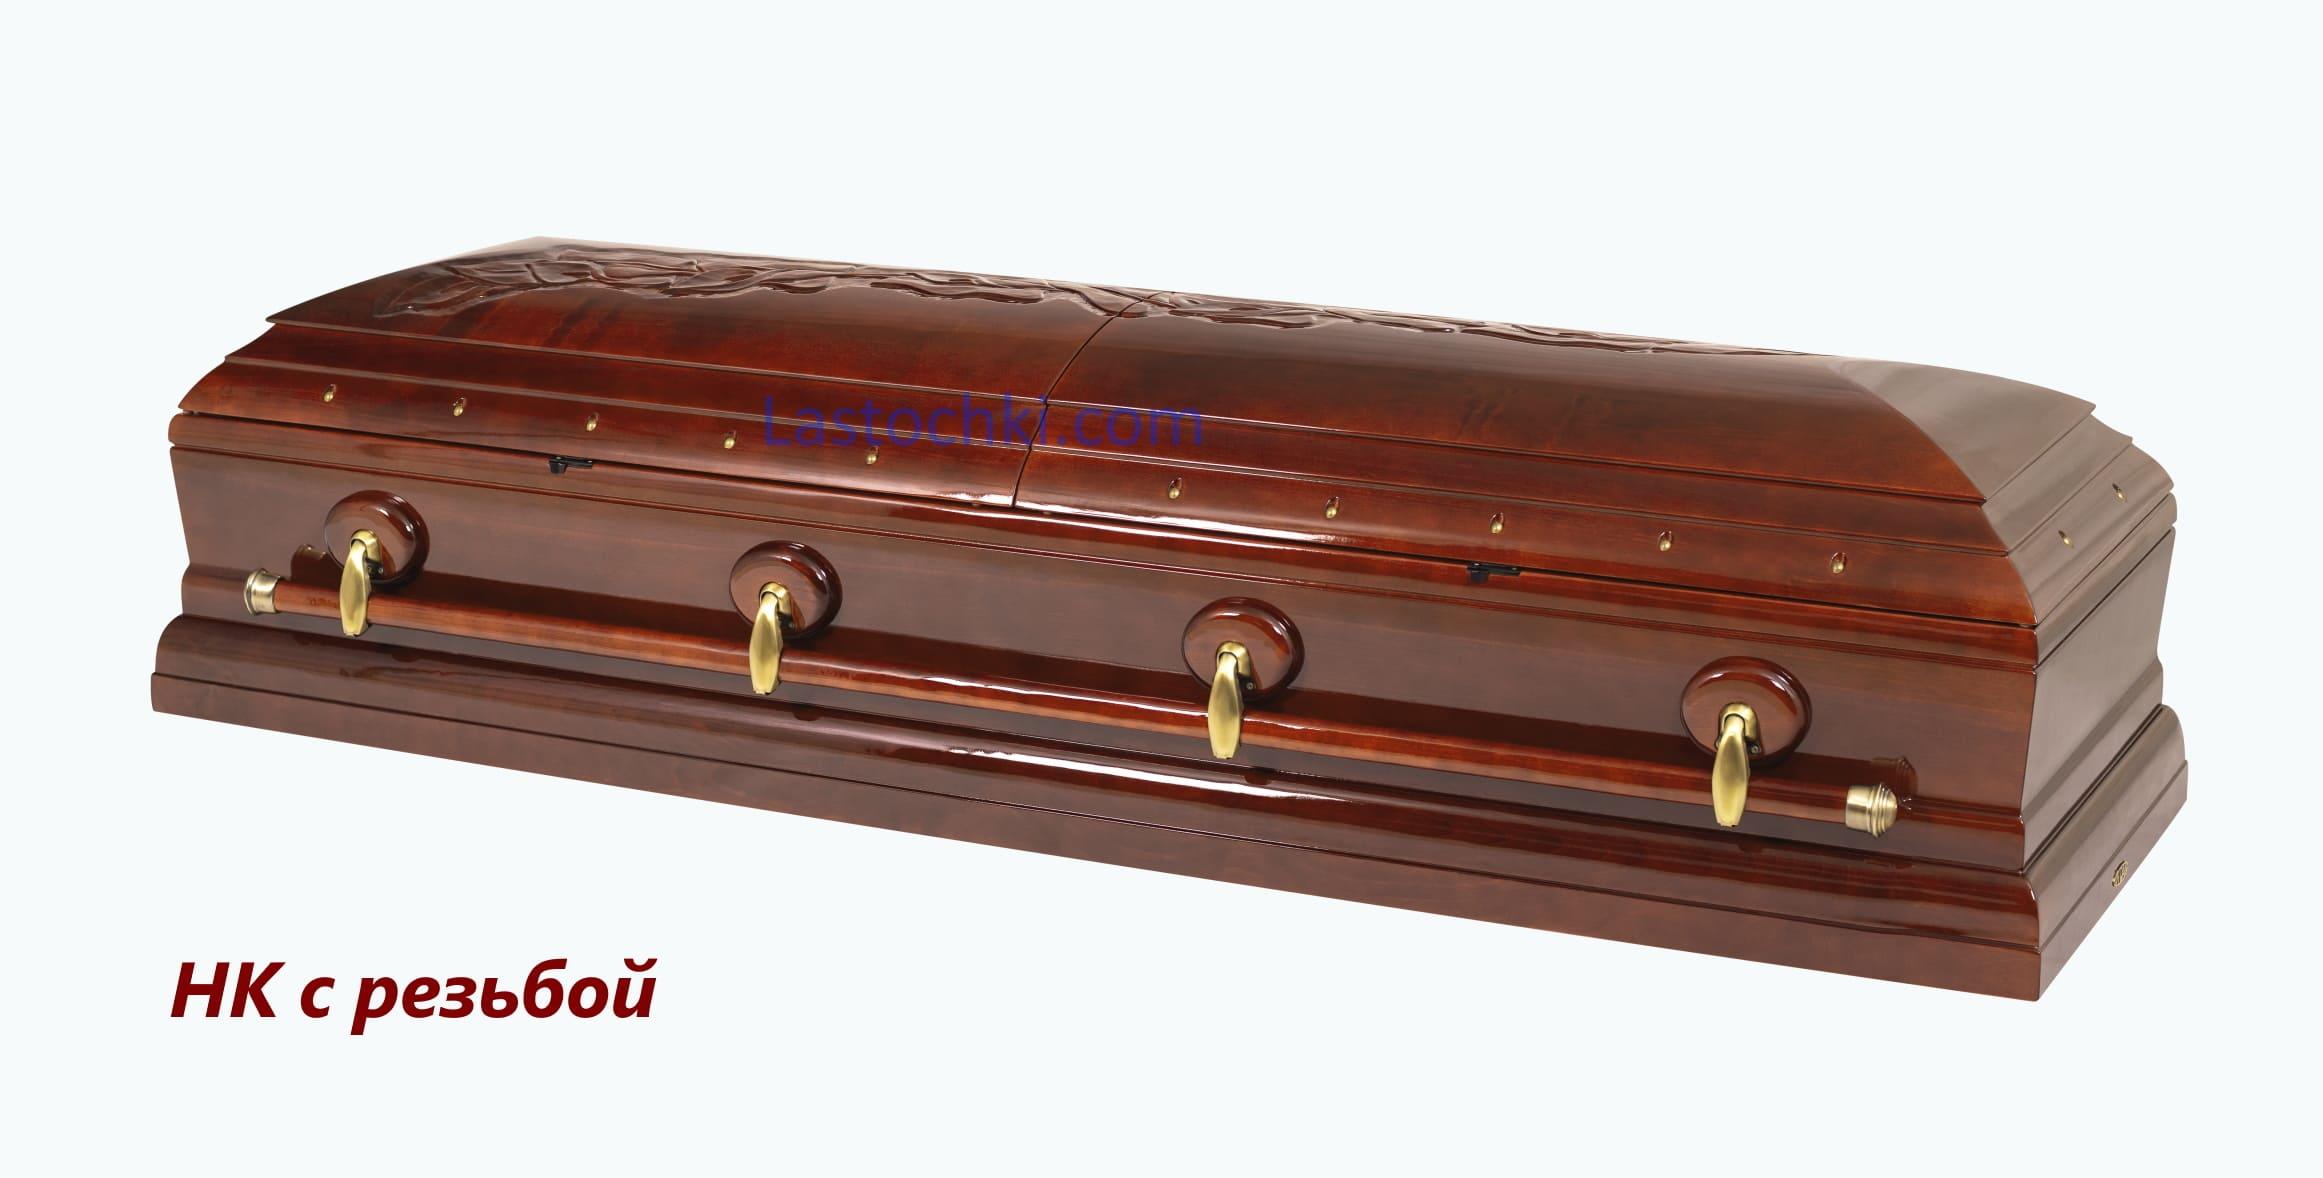 Саркофаг НК с резьбой  - Цена 44 000 грн.